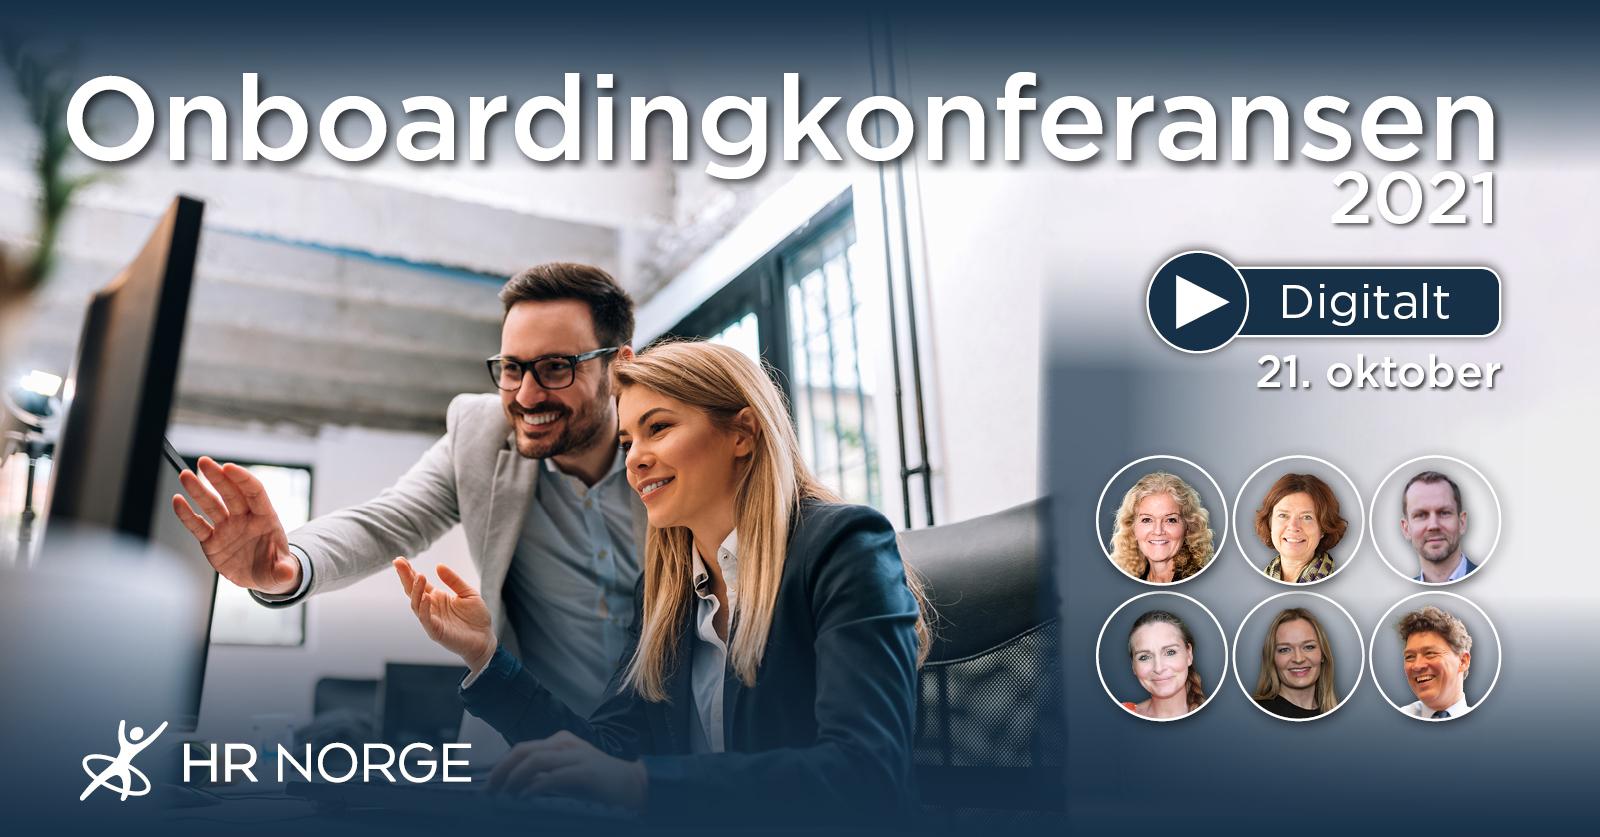 Forside program Onboardingkonferansen 2021